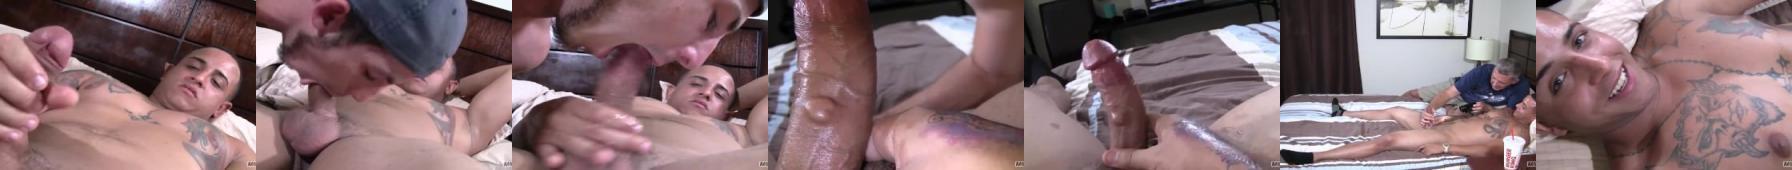 Heteryk po raz pierwszy uprawia sex oralny z facetem i chyba mu się podoba